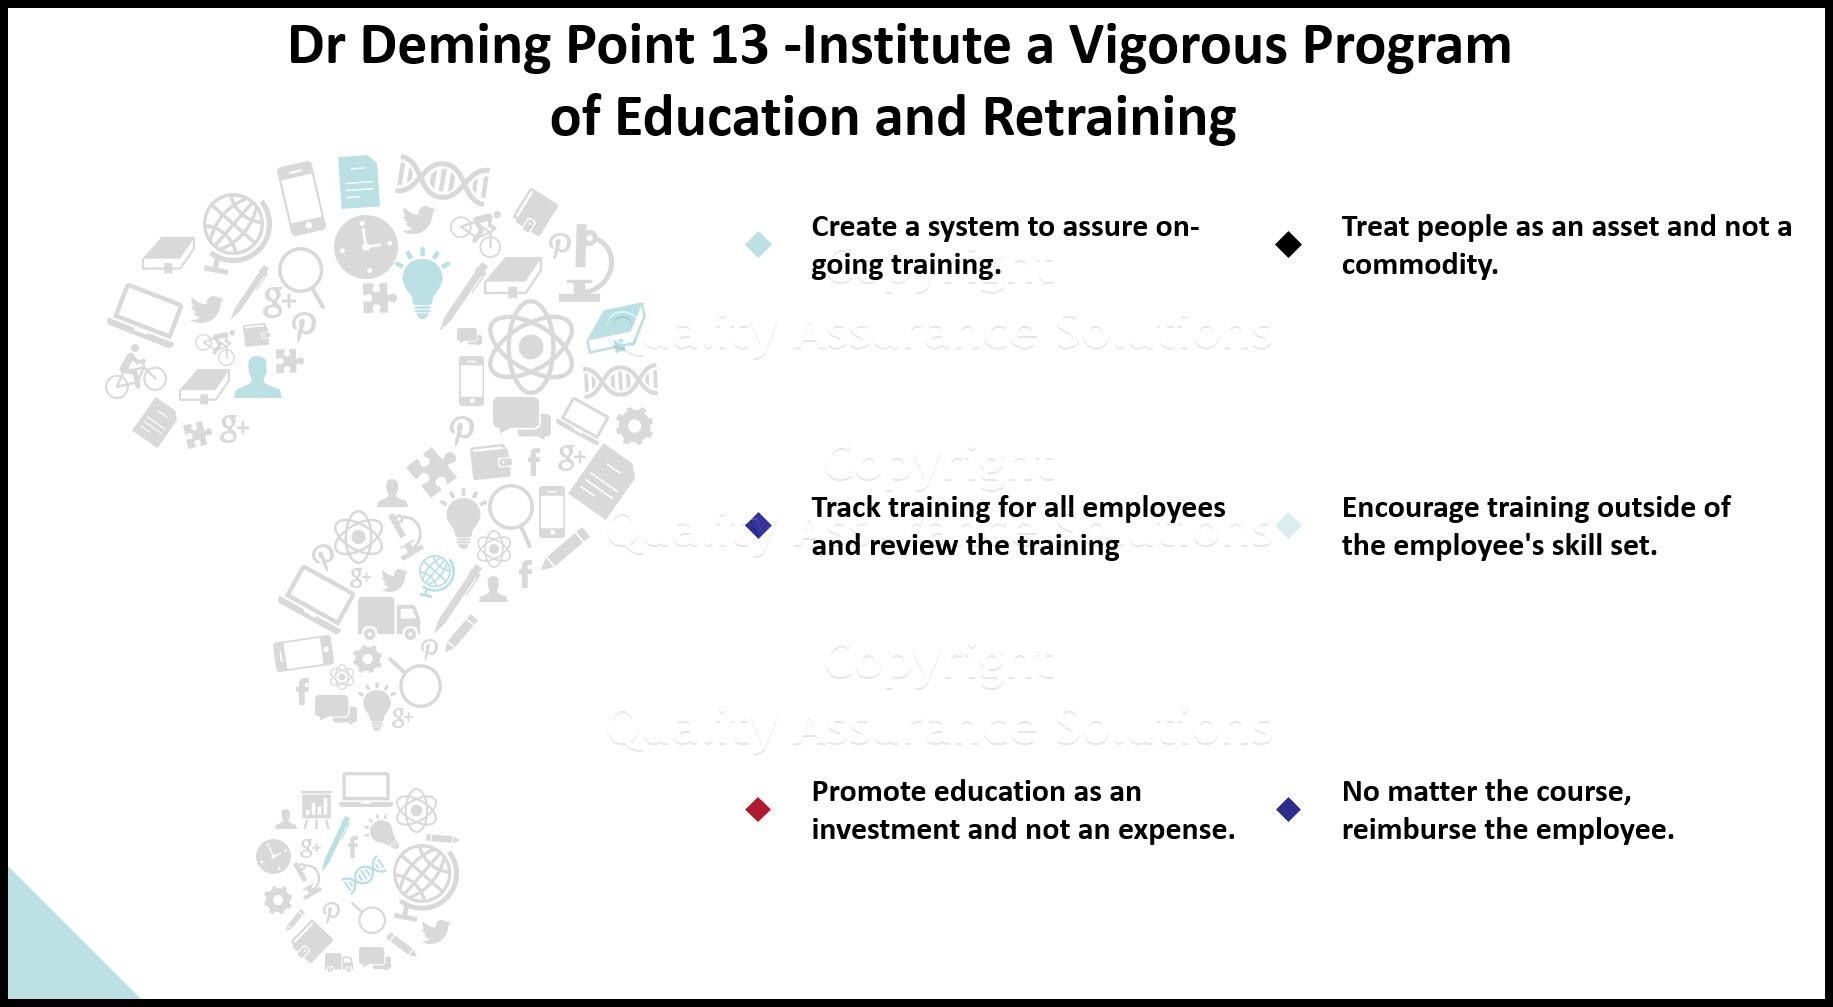 Deming Point 13 slide